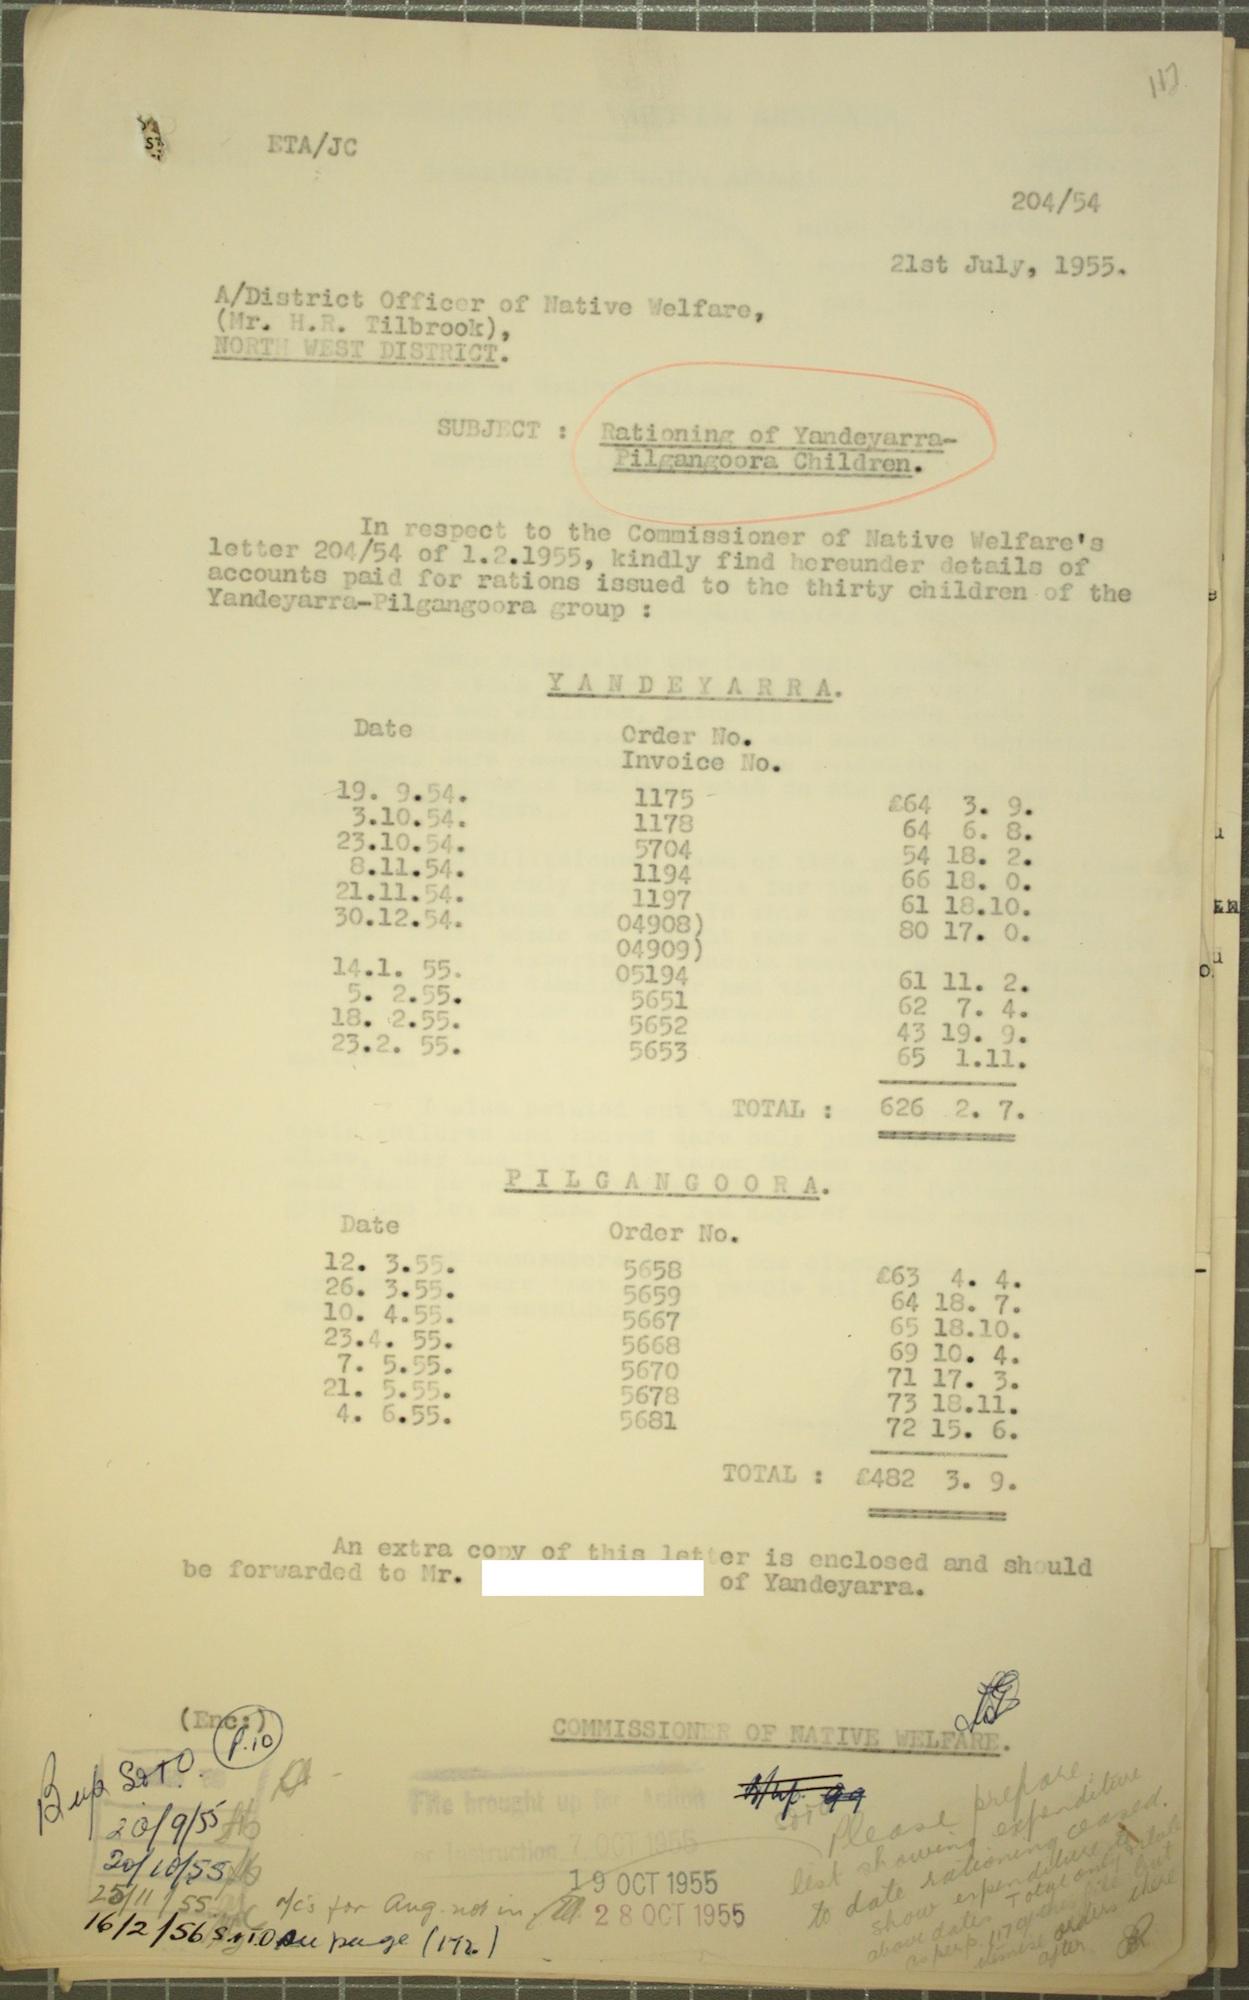 Stan Middleton to Native Welfare Officer Harvey Tilbrook, 21 July 1955